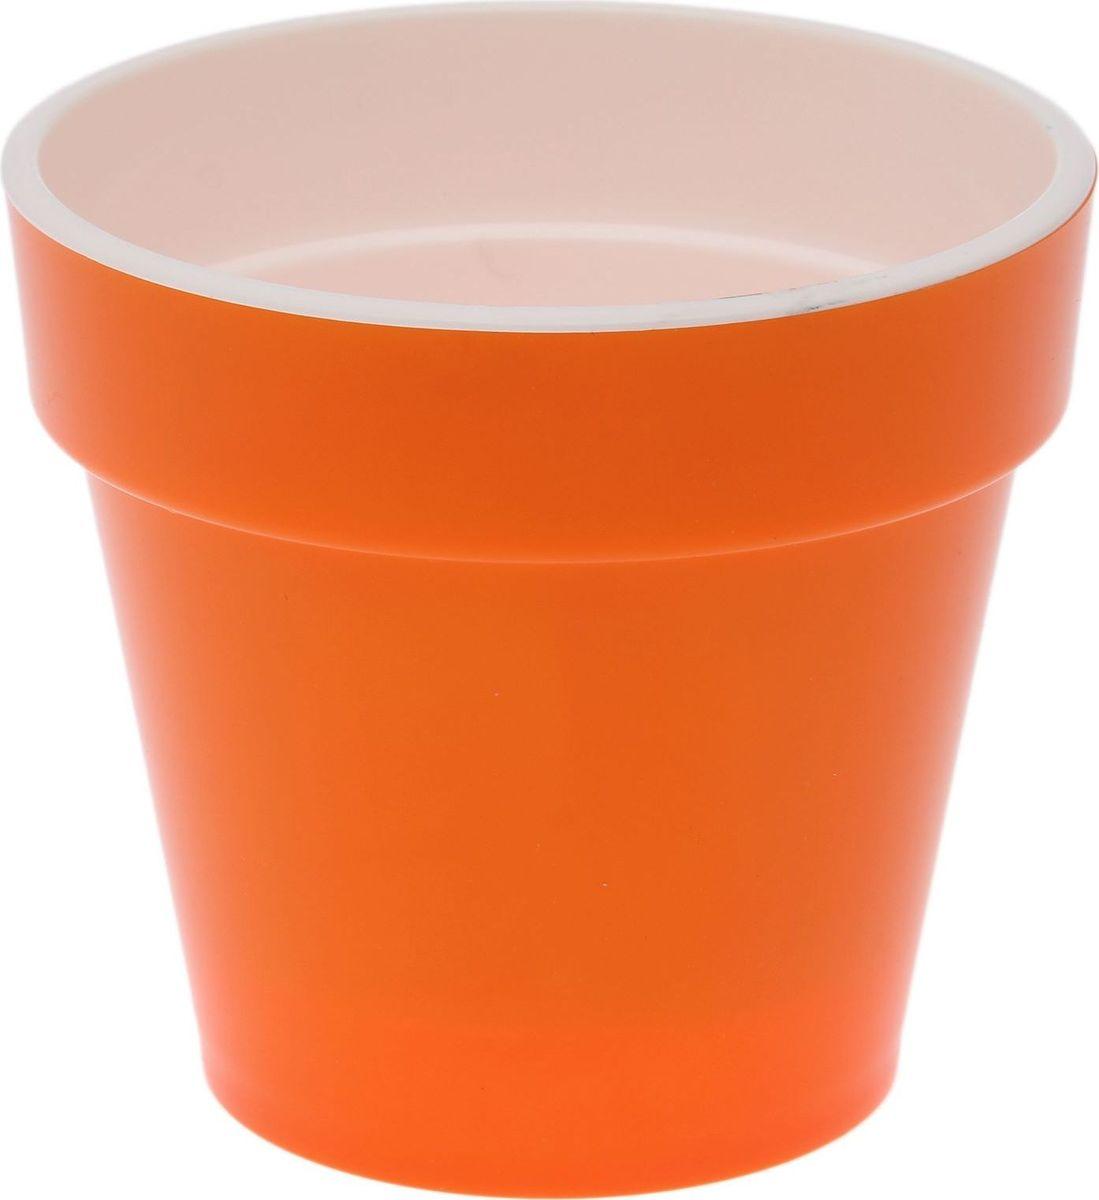 Кашпо JetPlast Порто, со вставкой, цвет: оранжевый, 1 л1063912Кашпо Порто классической формы с внутренней вставкой-горшком. Дренажная вставка позволяет легко поливать растения без использования дополнительного поддона. Вместительный объем кашпо позволяет высаживать самые разнообразные растения, а съемная вставка избавит вас от грязи и подчеркнет красоту цветка. Оно изготовлено из прочного полипропилена (пластика). Такое кашпо порадует вас функциональностью, а благодаря лаконичному дизайну впишется в любой интерьер помещения. Объем кашпо: 1 л.